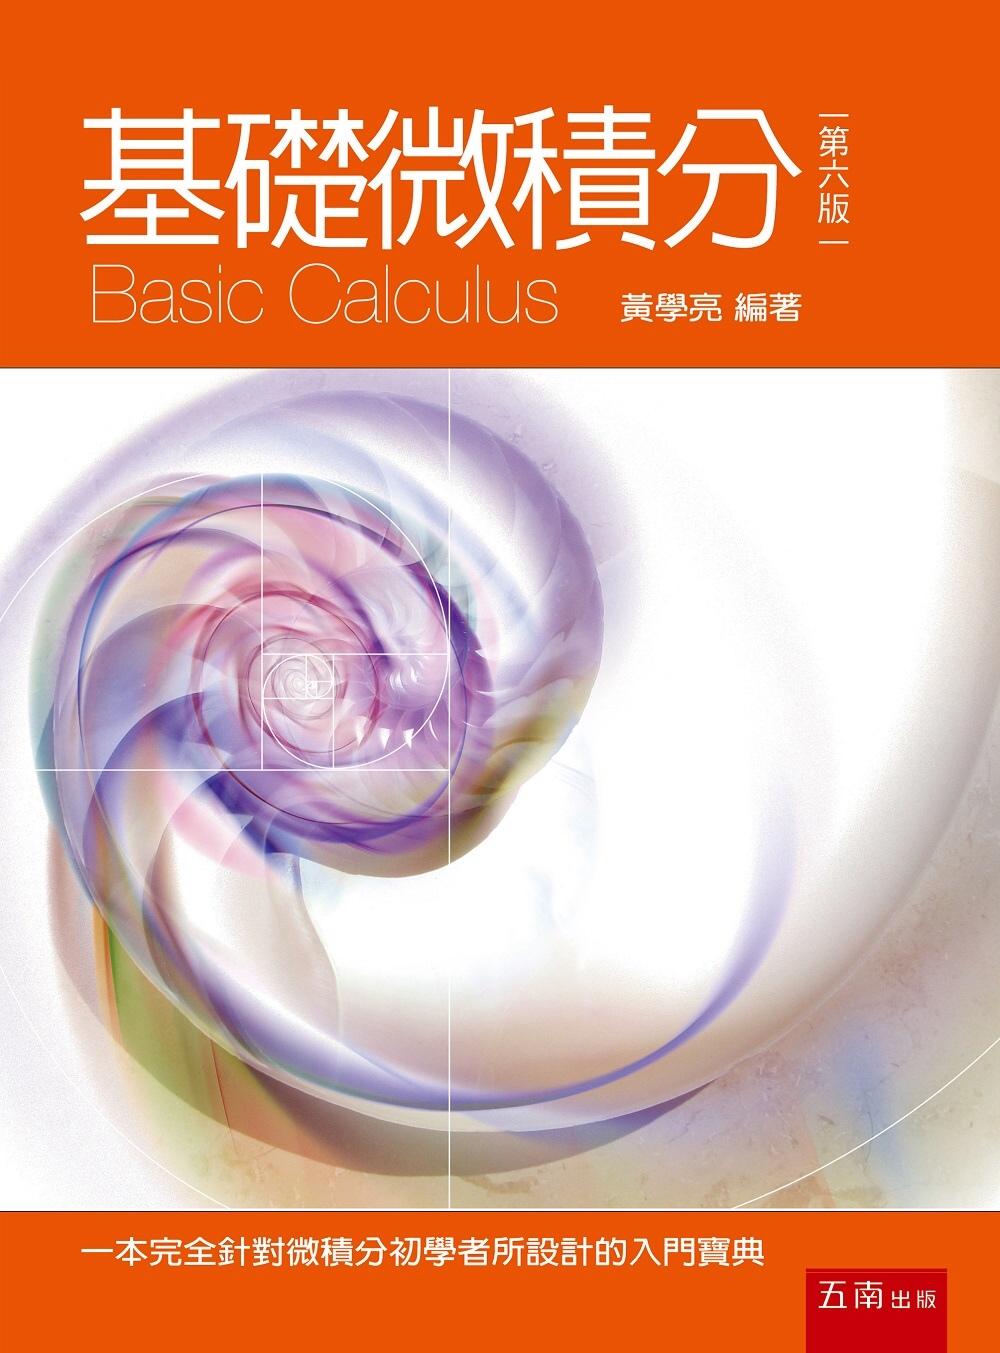 基礎微積分(6版)